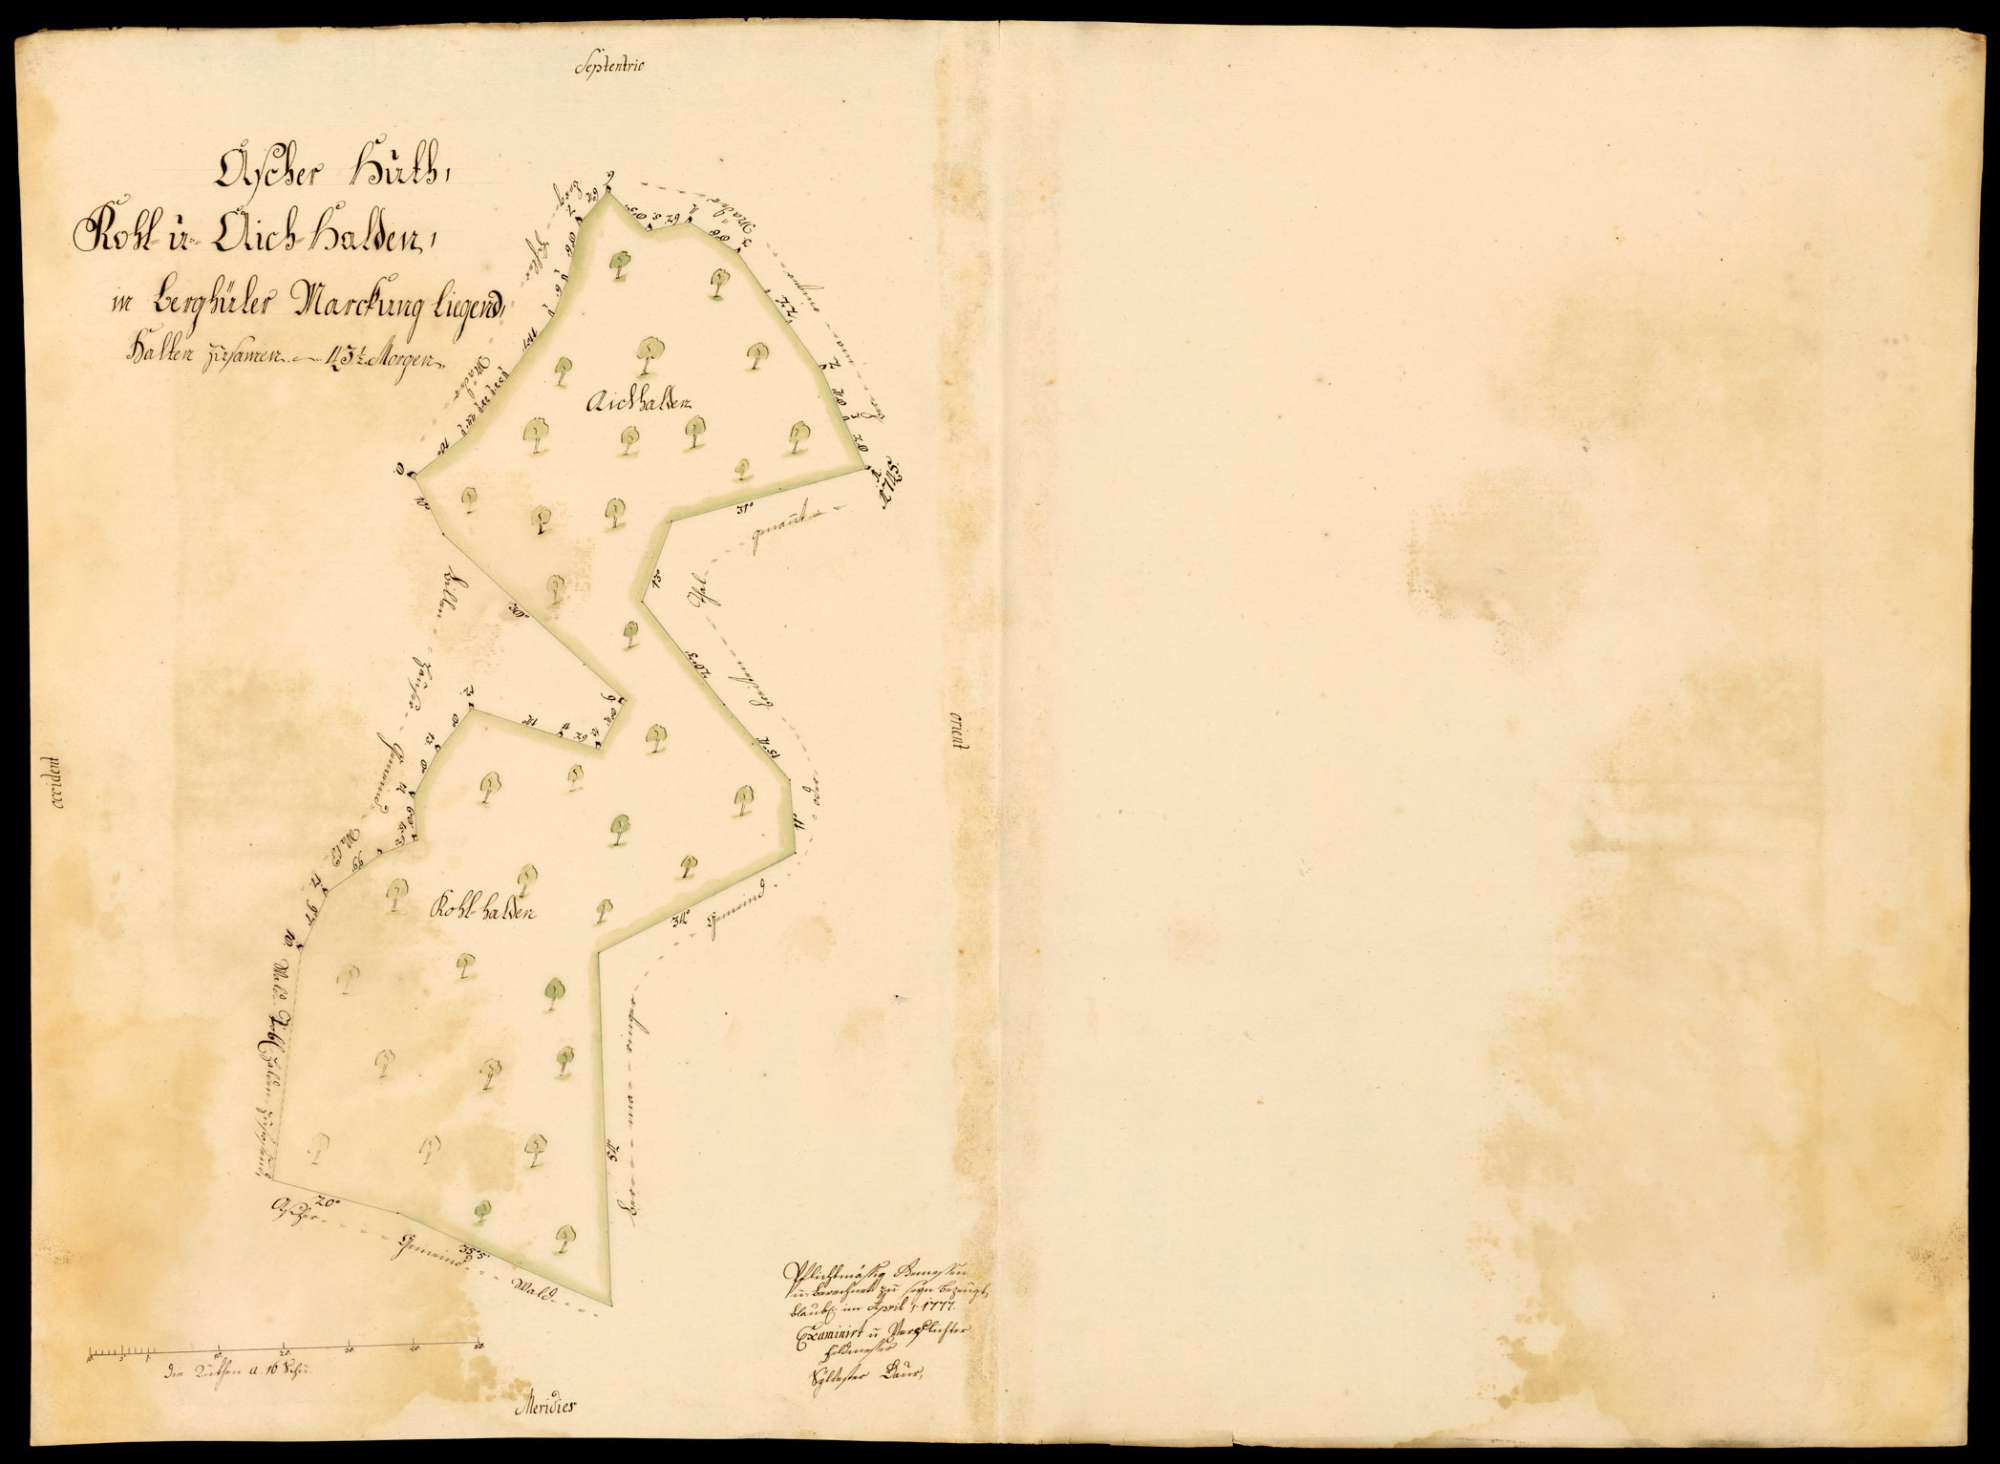 """[Kloster Blaubeuren:] """"Ascher Hut, Kohl- und Aich-Halden, in Berghüler Markung liegend"""", Bild 1"""